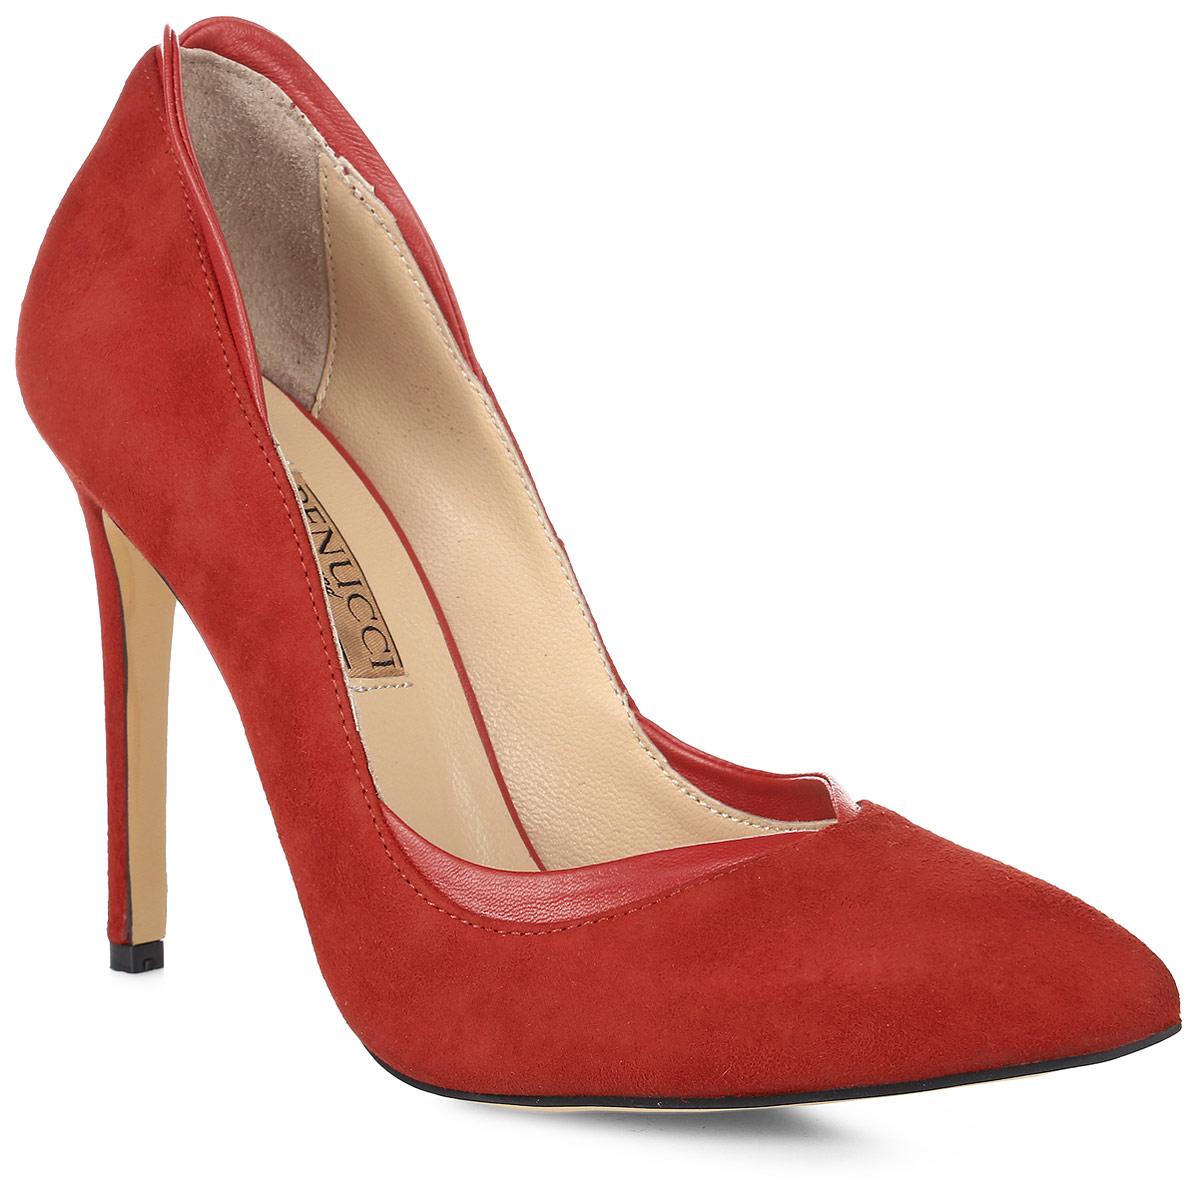 Туфли женские Benucci, цвет: красный. 5903. Размер 395903Модные женские туфли от Benucci поразят вас своим дизайном! Модель выполнена из натуральной замши и дополнена вставкам из натуральной кожи. Подкладка и стелька - из натуральной кожи, обеспечат максимальный комфорт при ходьбе. Зауженный носок добавит женственности в ваш образ, а ультравысокий каблук-шпилька - шарма. Подошва из полиуретана дополнена рифлением, что обеспечивает отличное сцепление с любой поверхностью. Модные туфли займут достойное место среди вашей коллекции обуви.